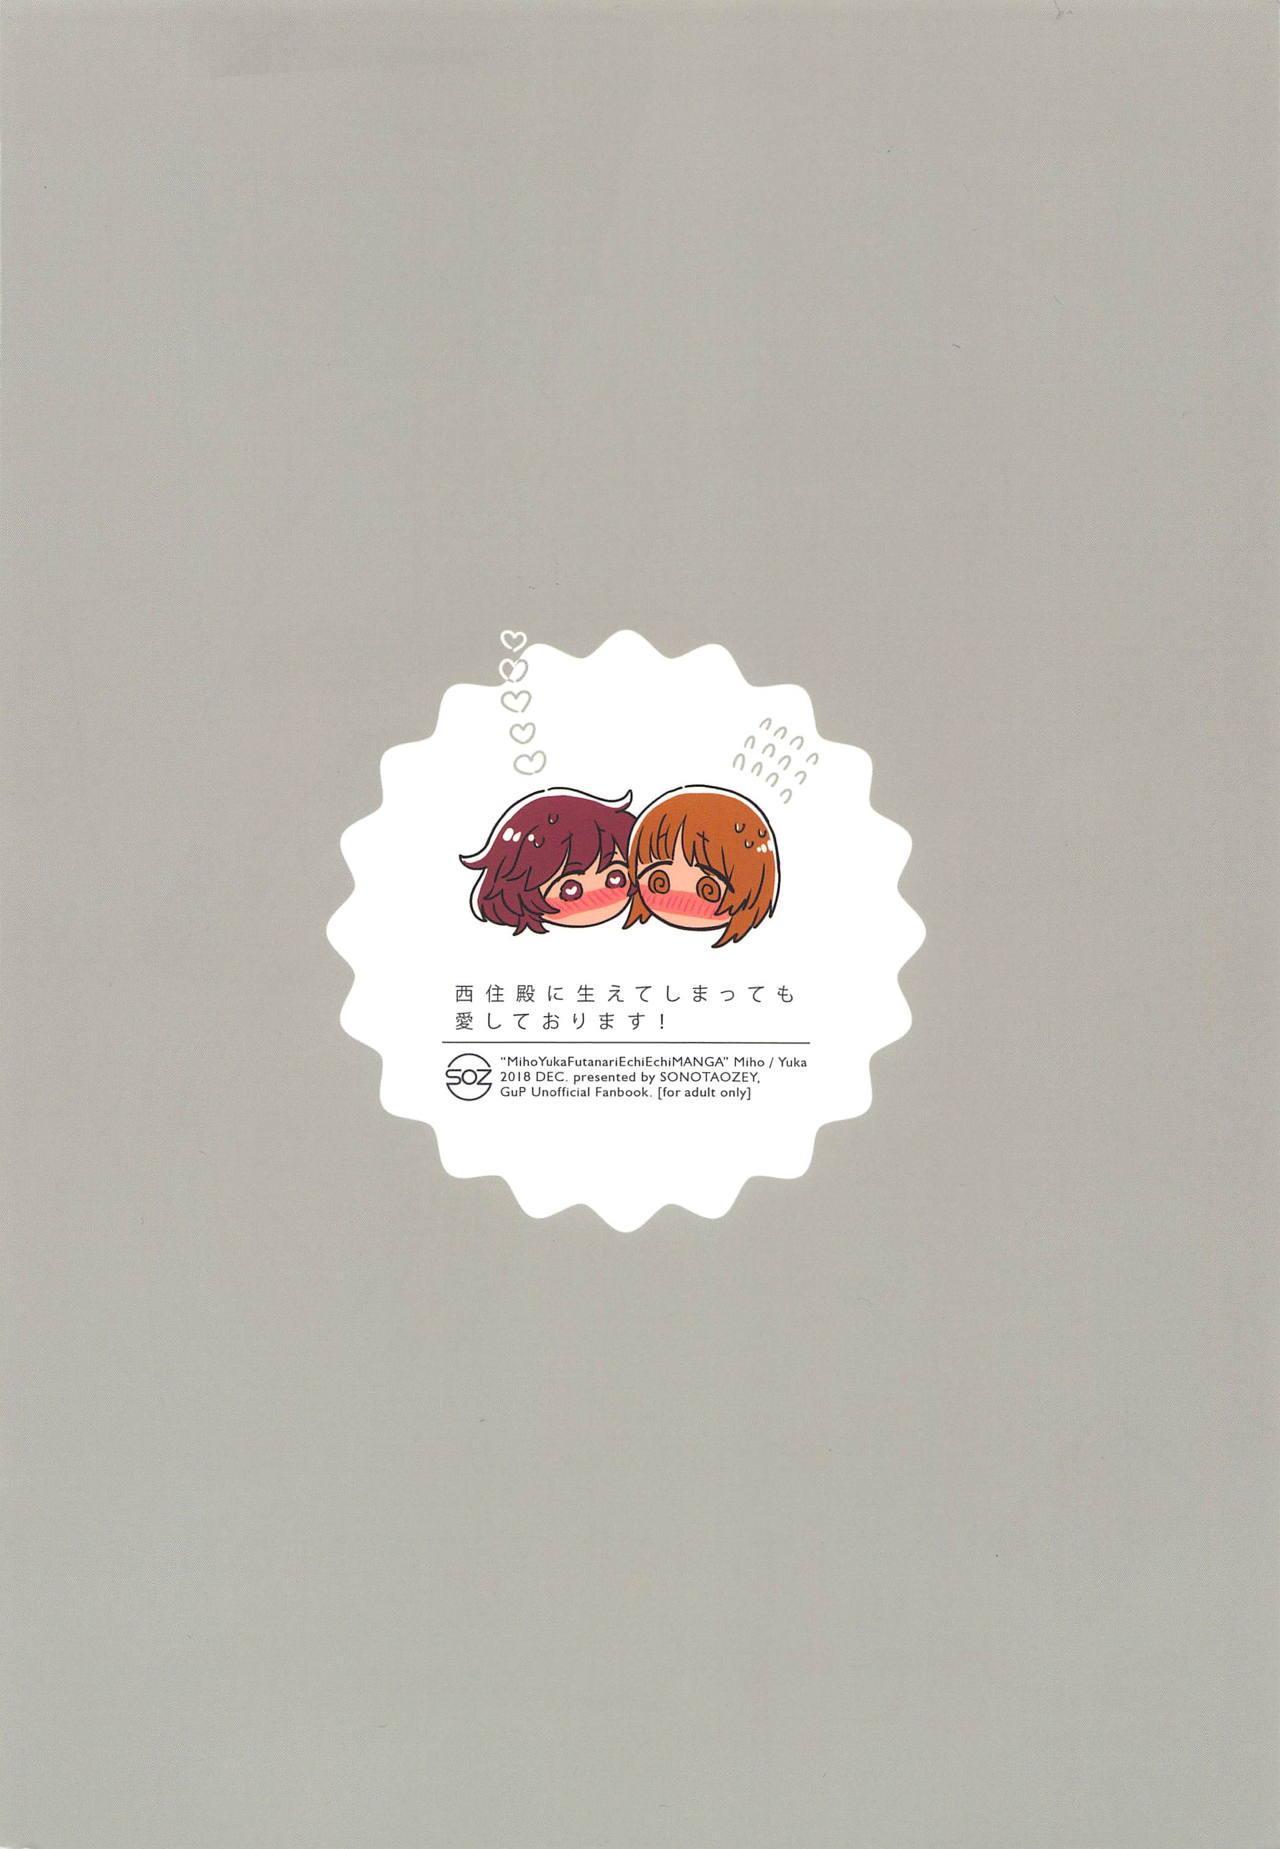 (C95) [Sonotaozey (Yukataro)] Nishizumi-dono ni Haete Shimatte mo Aishite Orimasu! | I will still love Nishizumi-dono Even If She Grew One! (Girls und Panzer) [English] 26